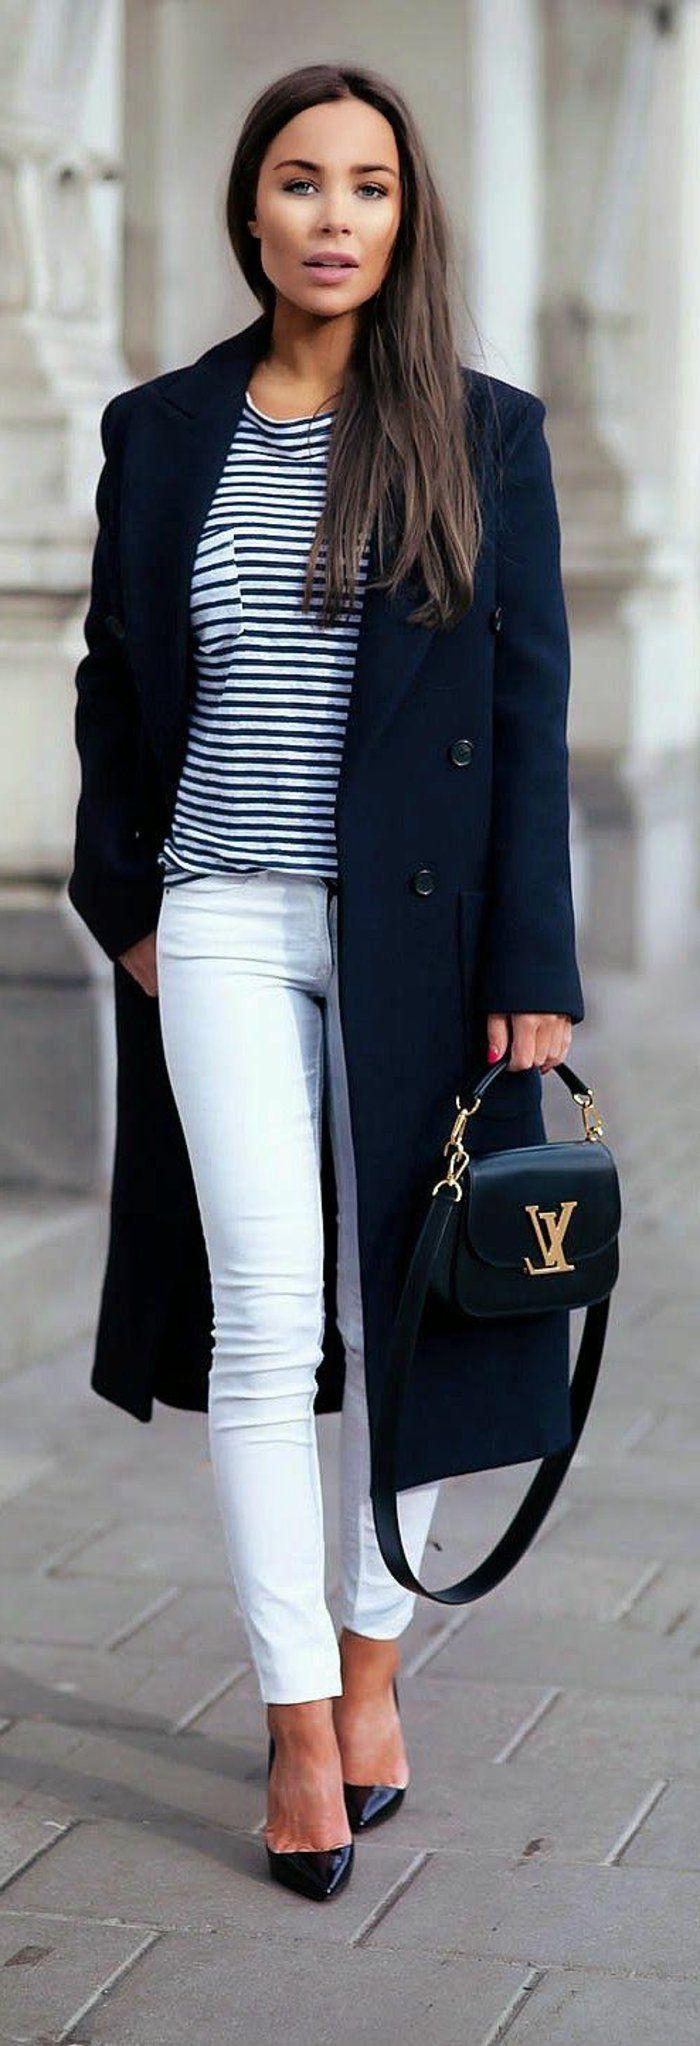 Les 25 meilleures id es de la cat gorie tenue pantalon blanc sur pinterest jean blanc femme - Tenue jean blanc ...